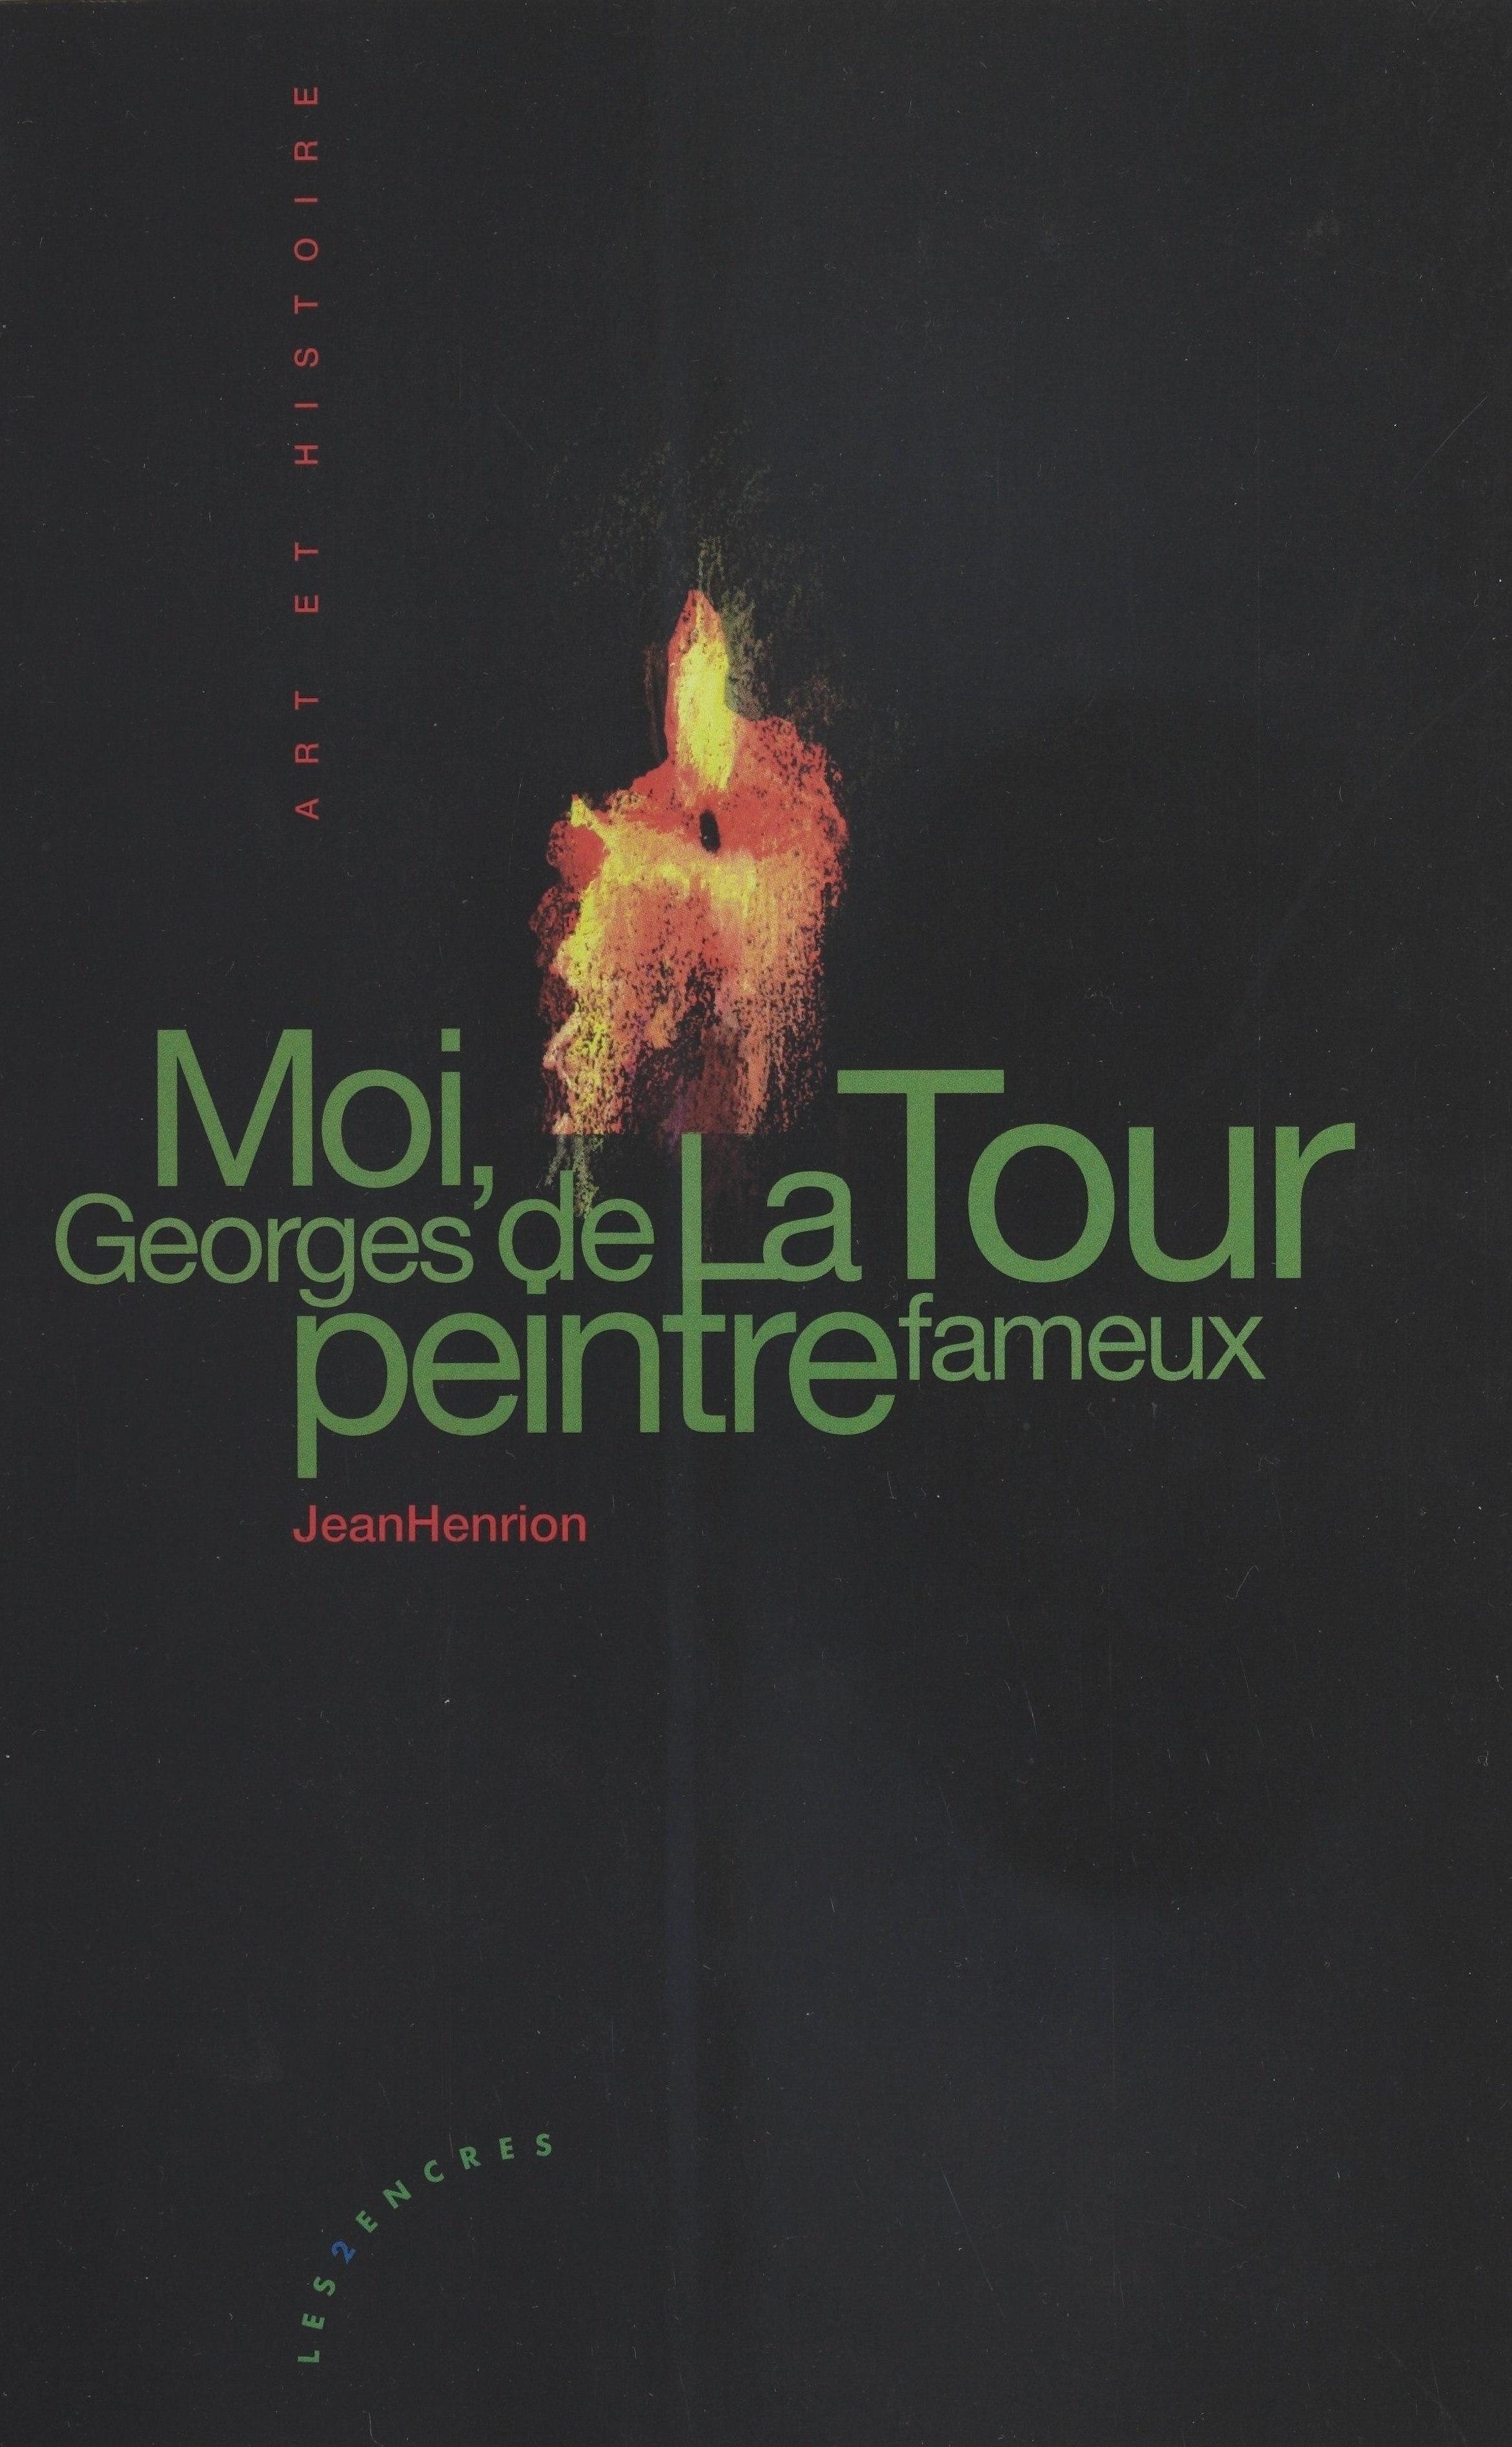 Moi, Georges de La Tour, peintre fameux | Henrion, Jean